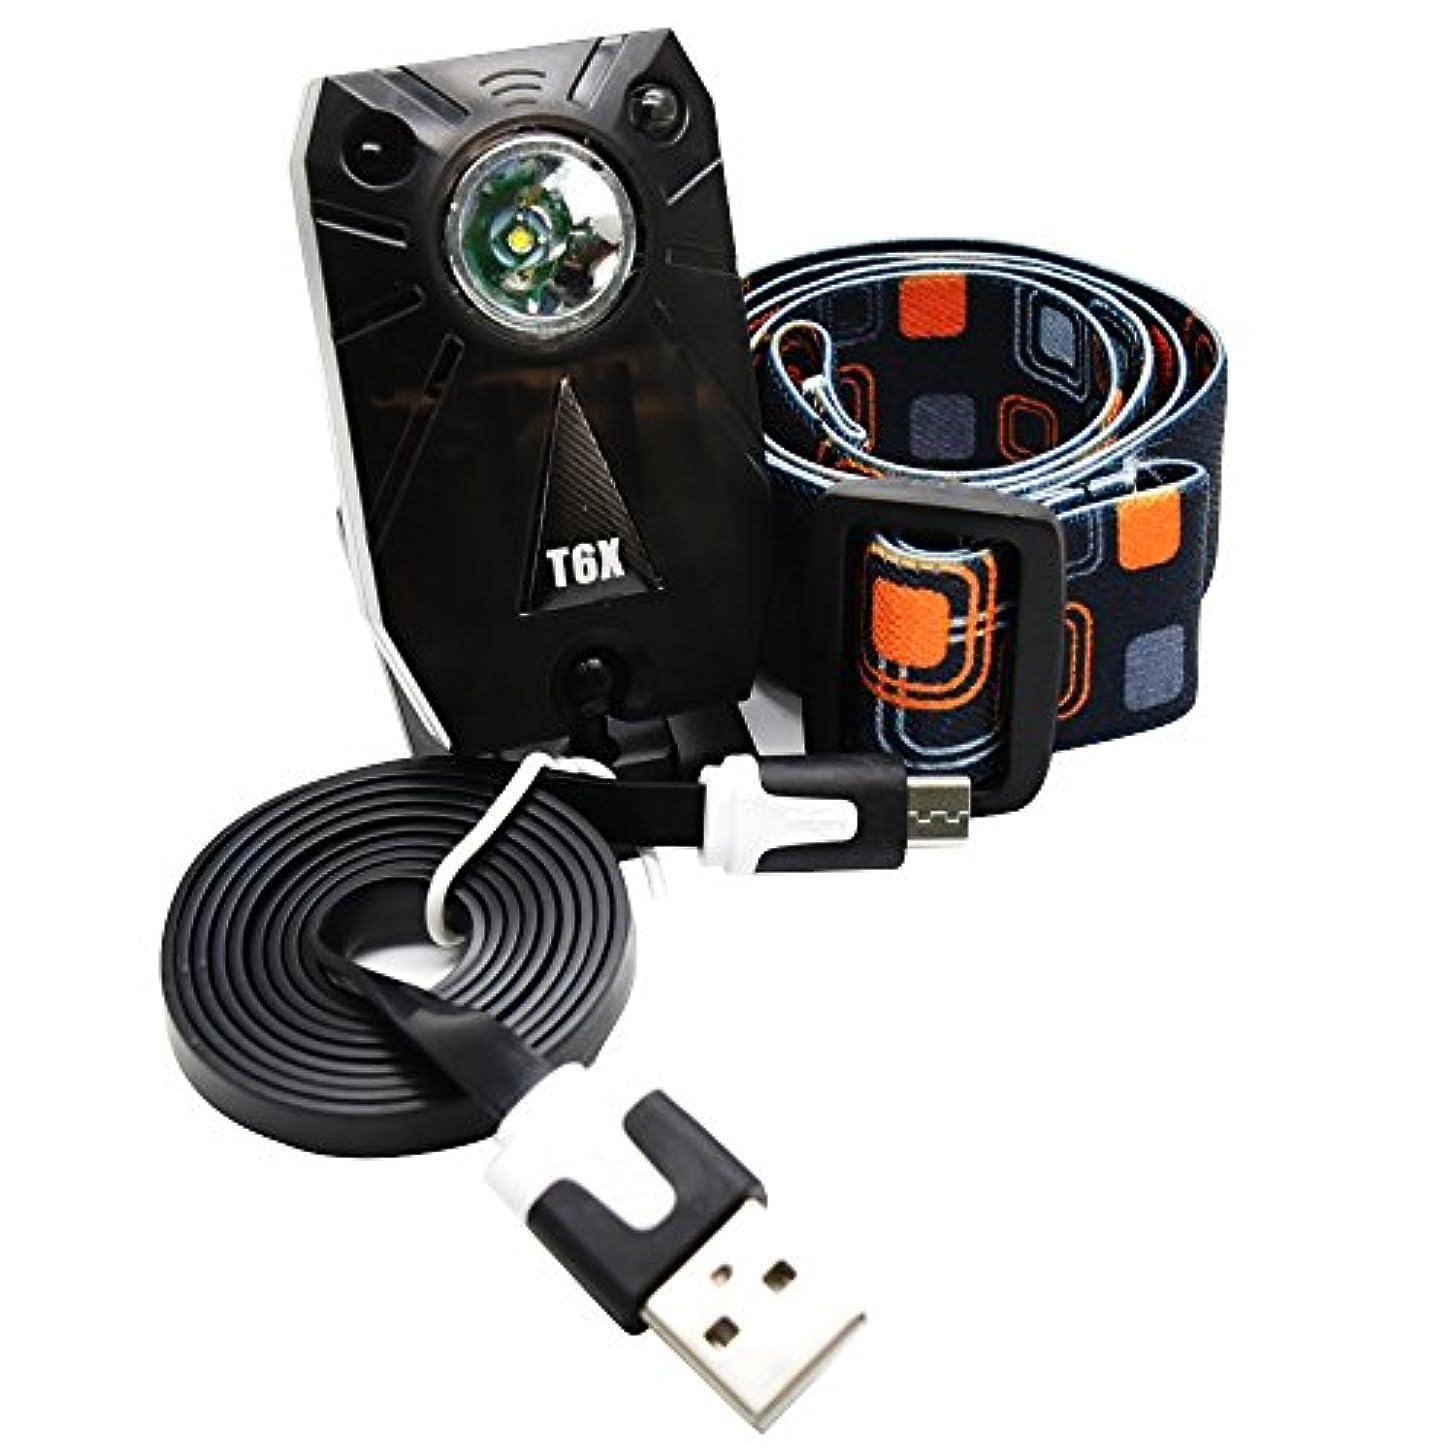 アトミック泣いている合法TradeArch 充電式 LED ヘッドライト 明るい センサー機能有 小型 軽量 360°回転